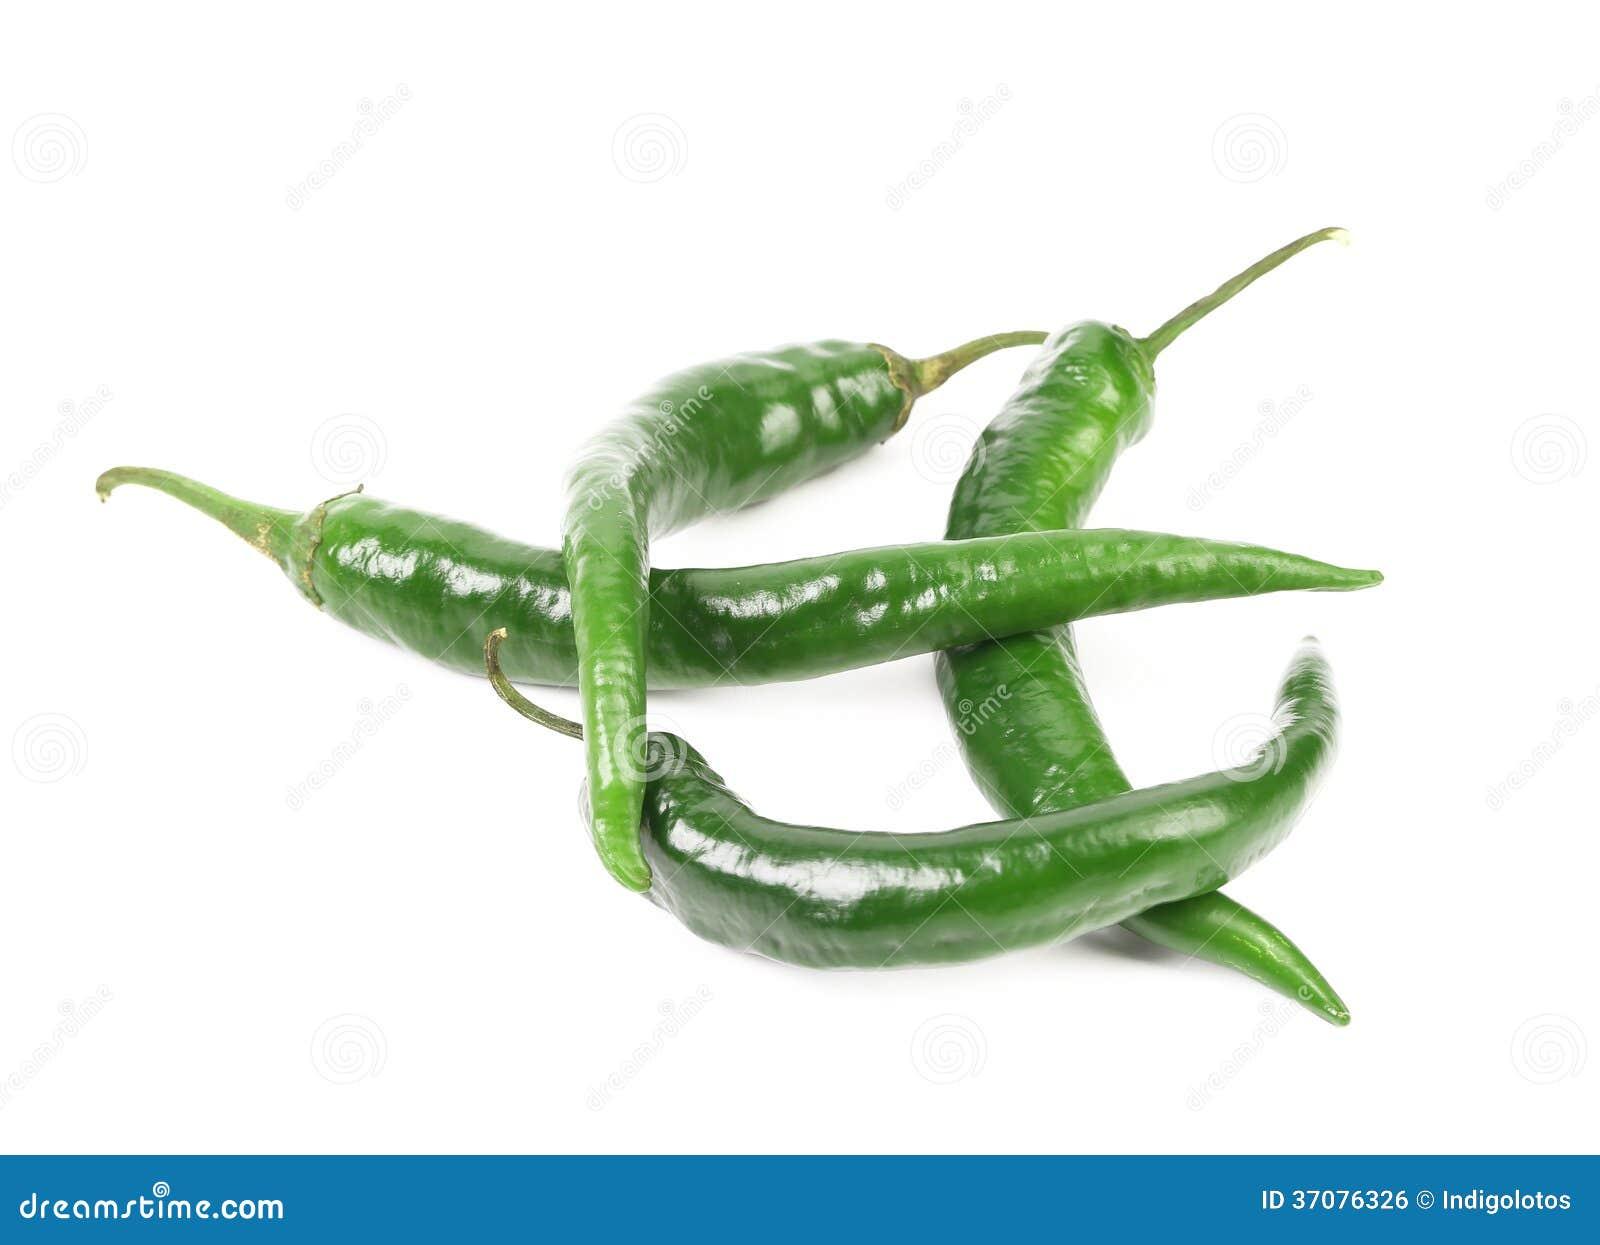 Download Cztery zielonego pieprzu. zdjęcie stock. Obraz złożonej z meksykanin - 37076326